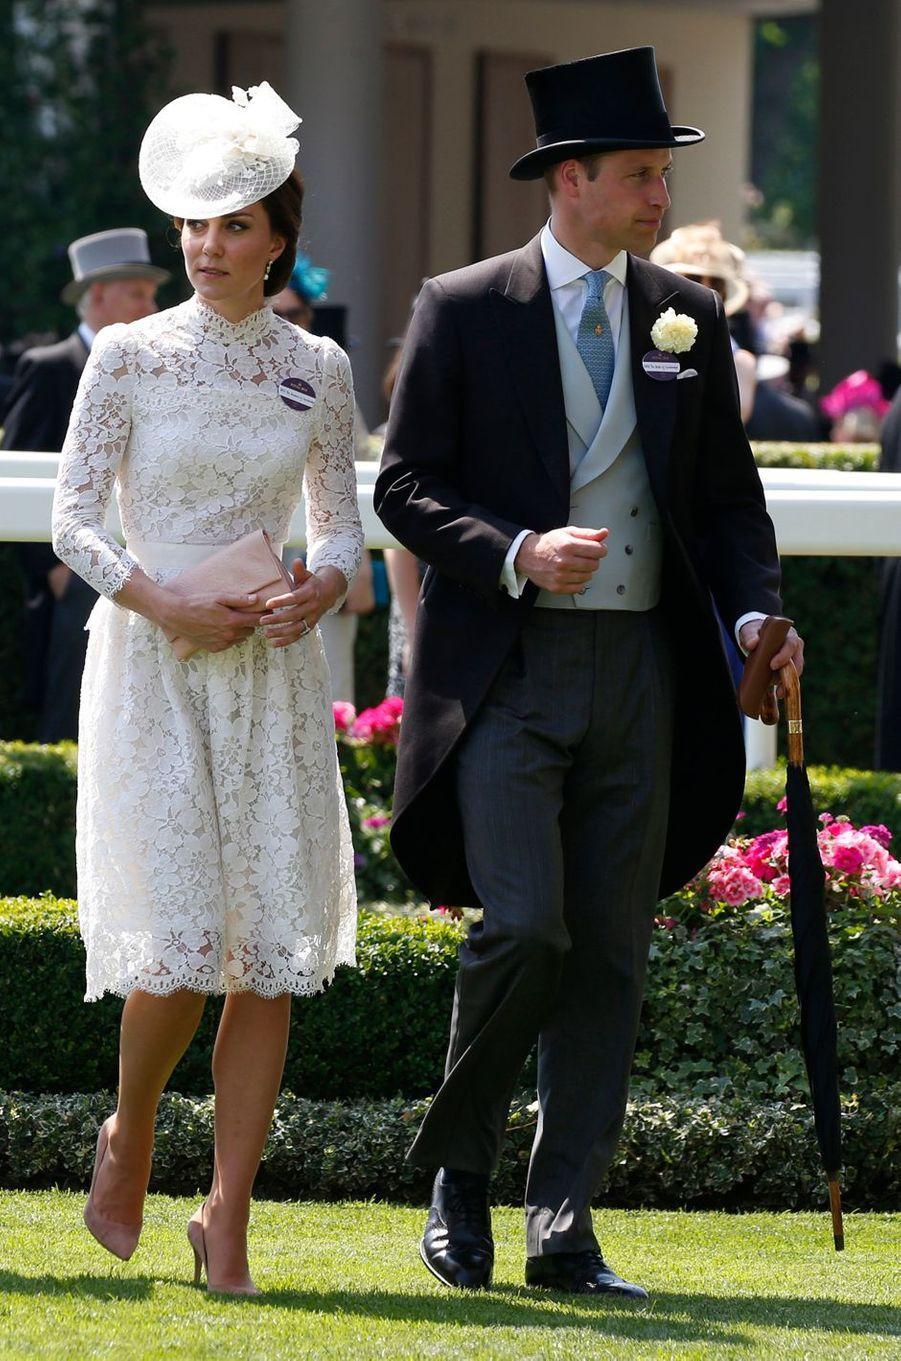 La duchesse de Cambridge, née Kate Middleton, en Alexander McQueen au Royal Ascot le 20 juin 2017